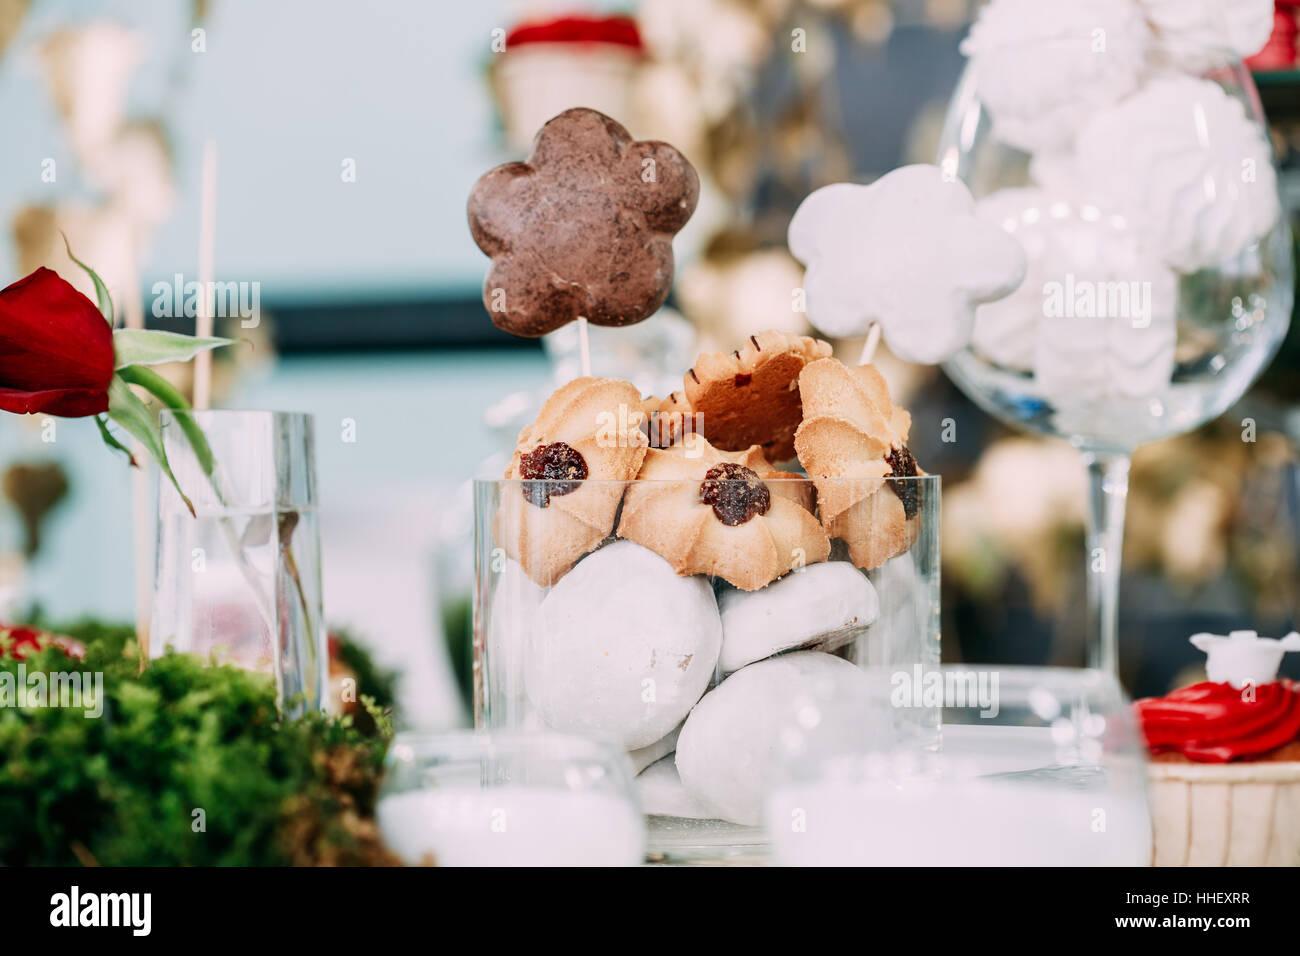 Susse Leckere Dessert Marshmallow Und Cookies Im Schokoriegel Auf